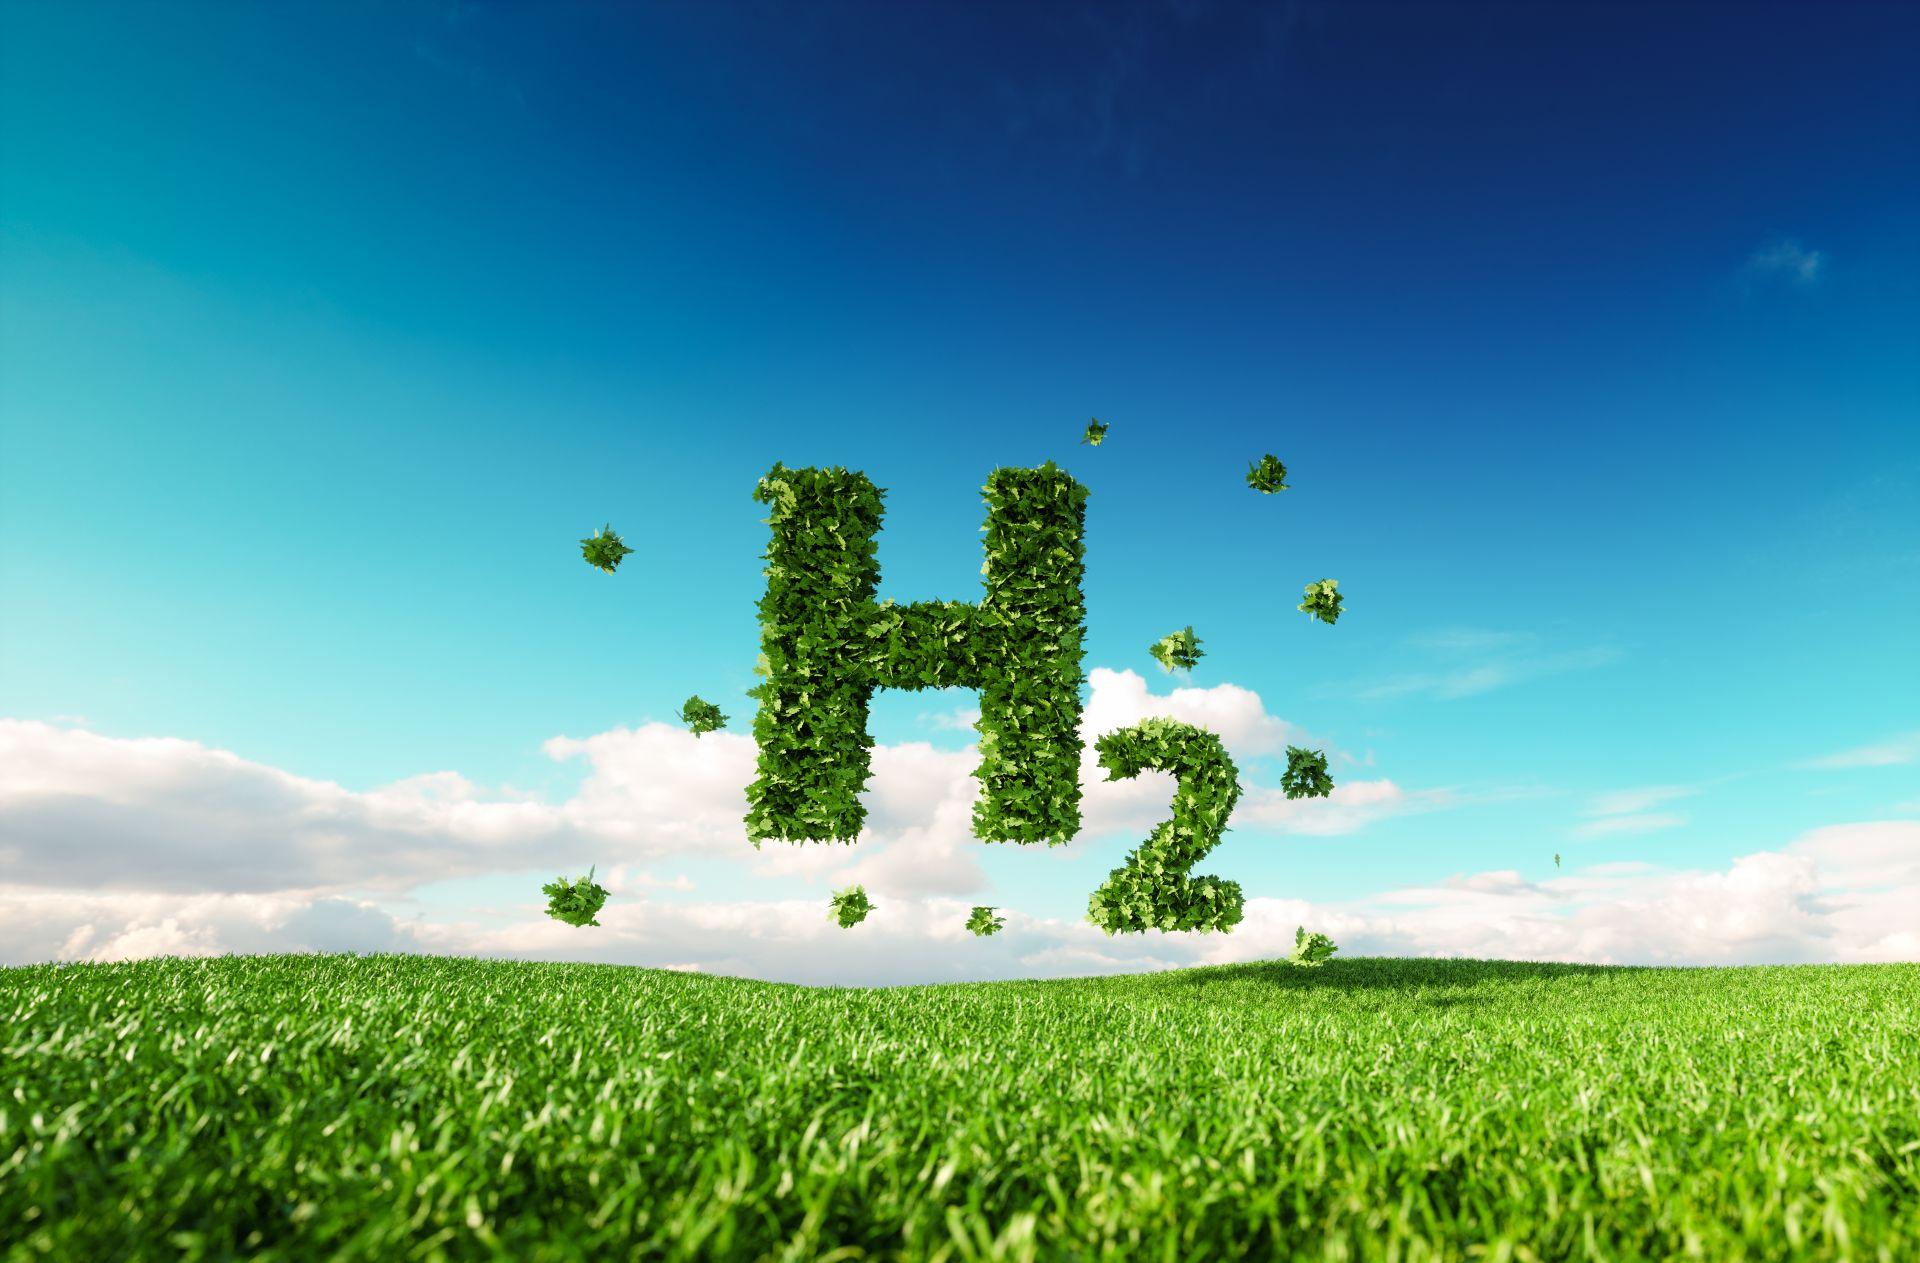 VDA: Wasserstoff und E-Fuels wichtige Bausteine für klimaneutralen Verkehr